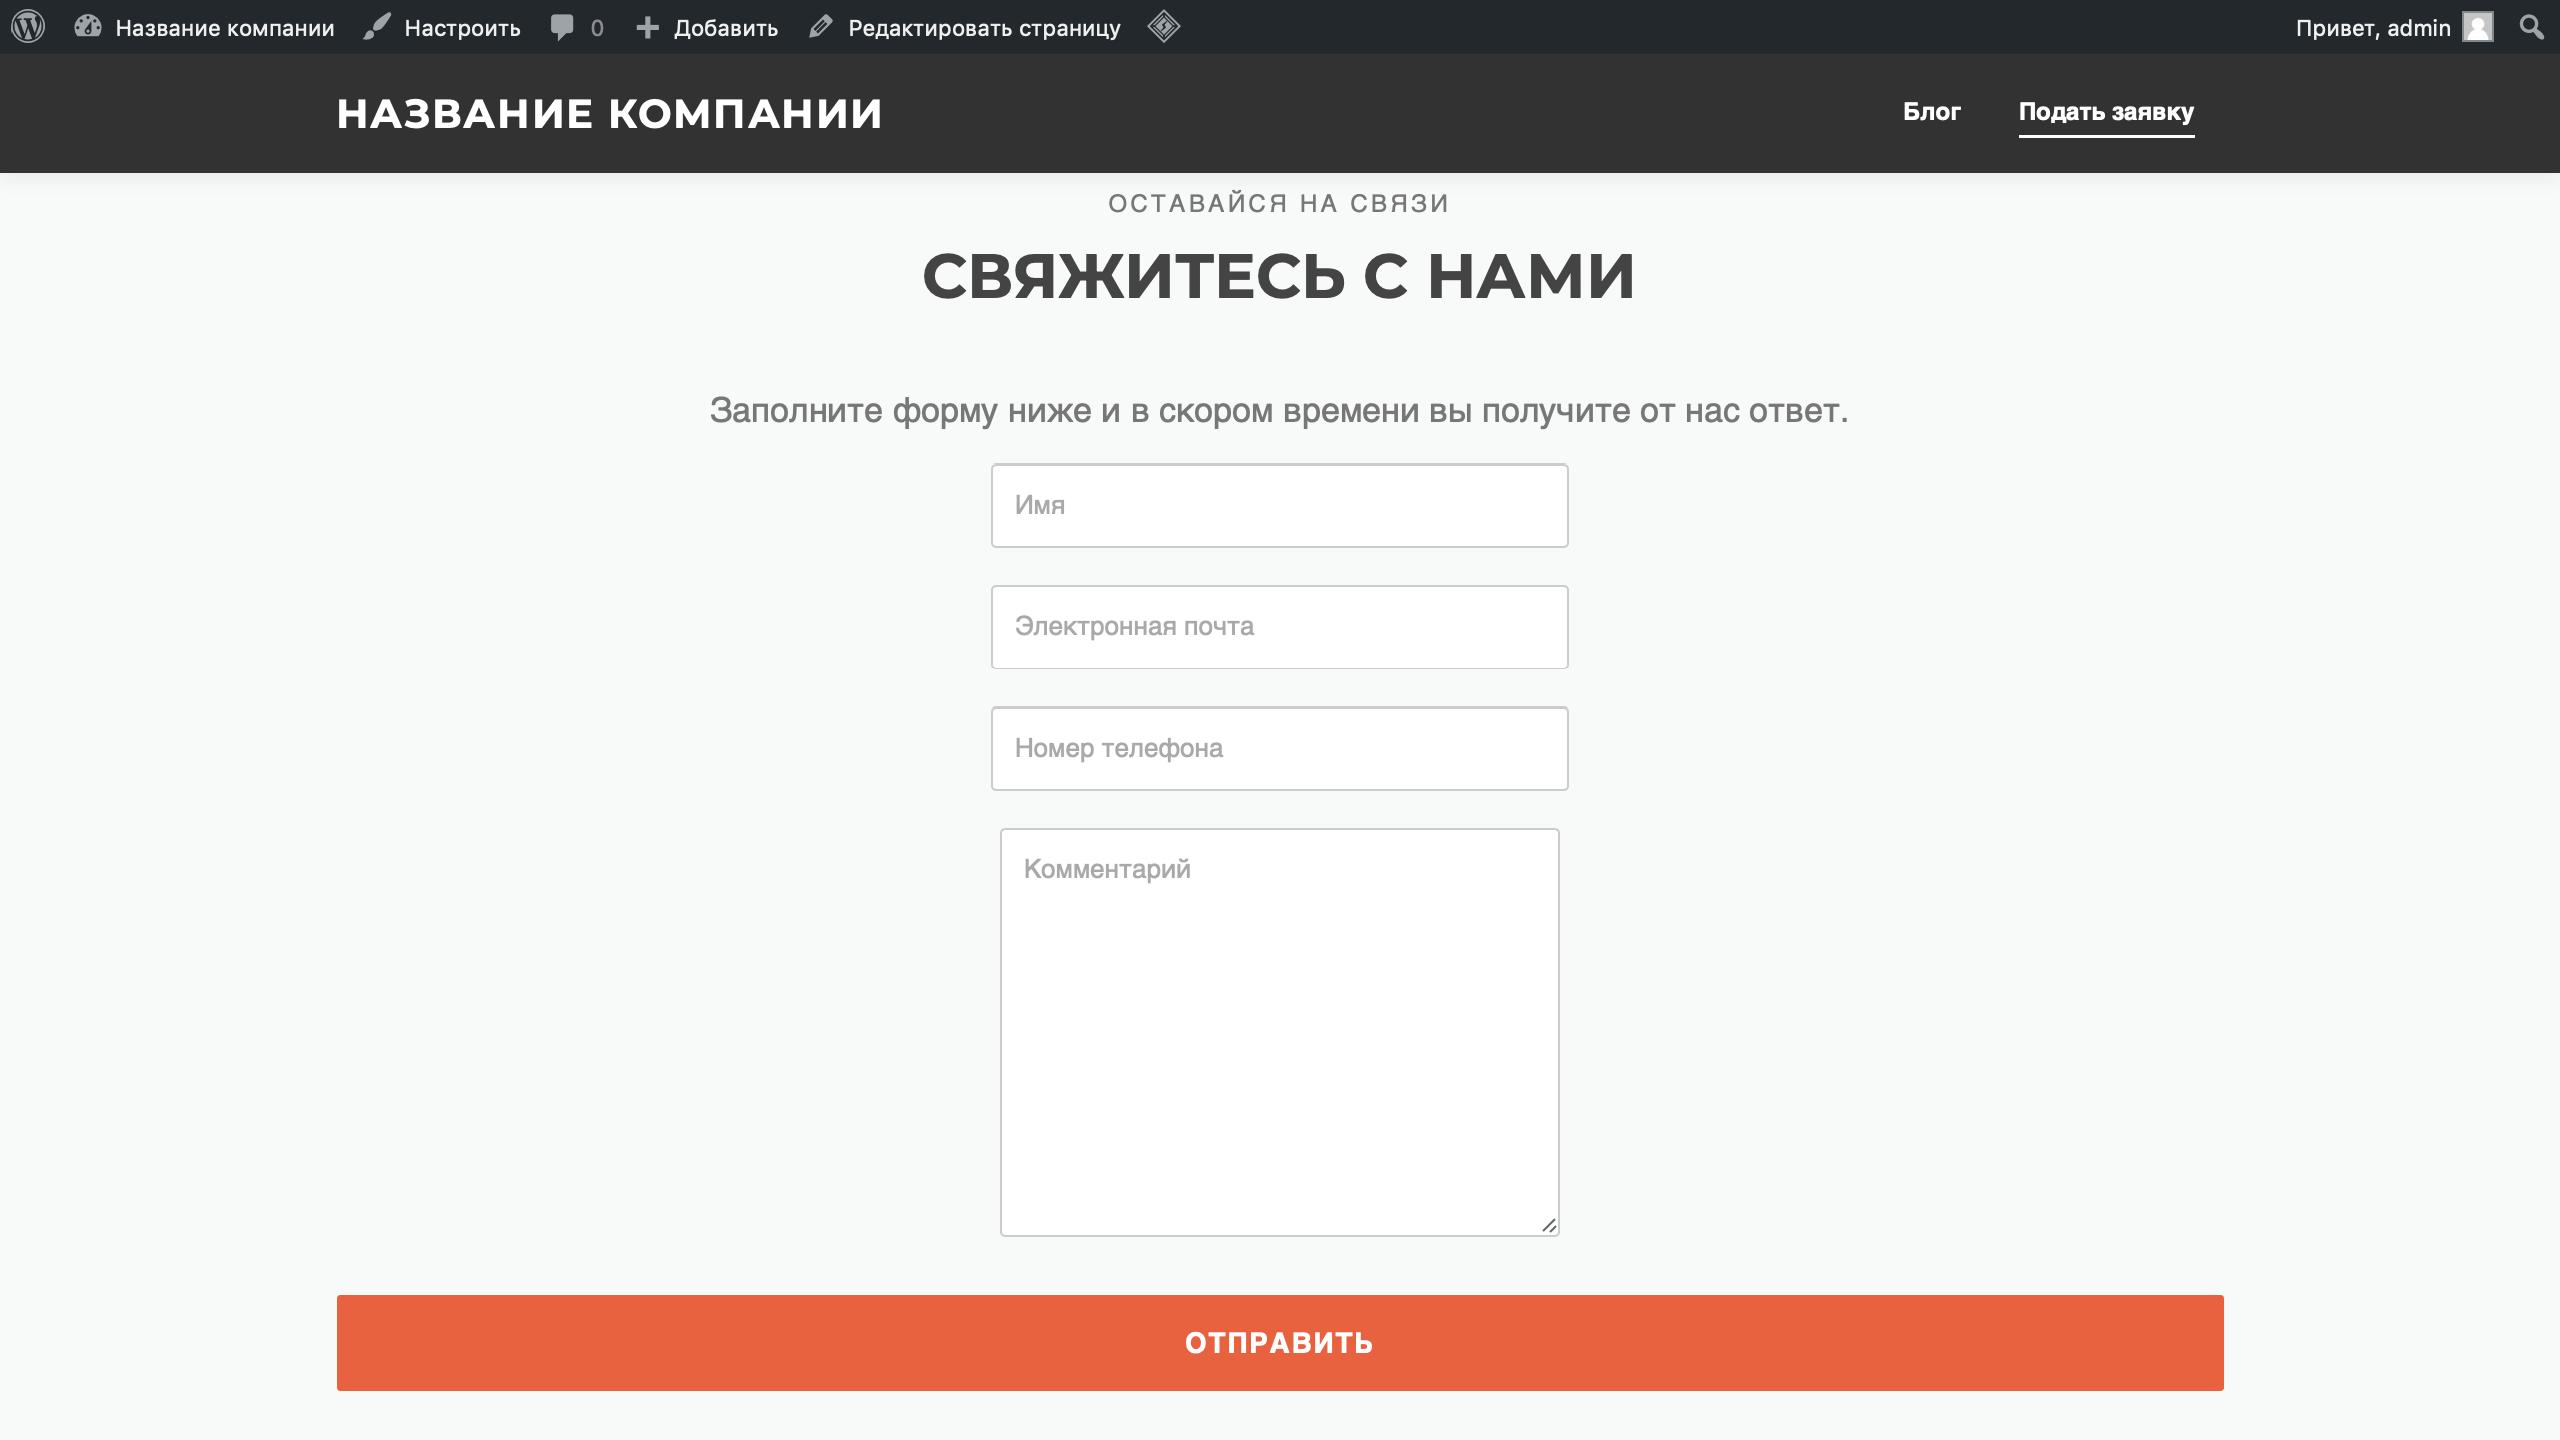 Внешний вид формы обратной связи, созданной с помощью плагина Contact Form 7 для WordPress